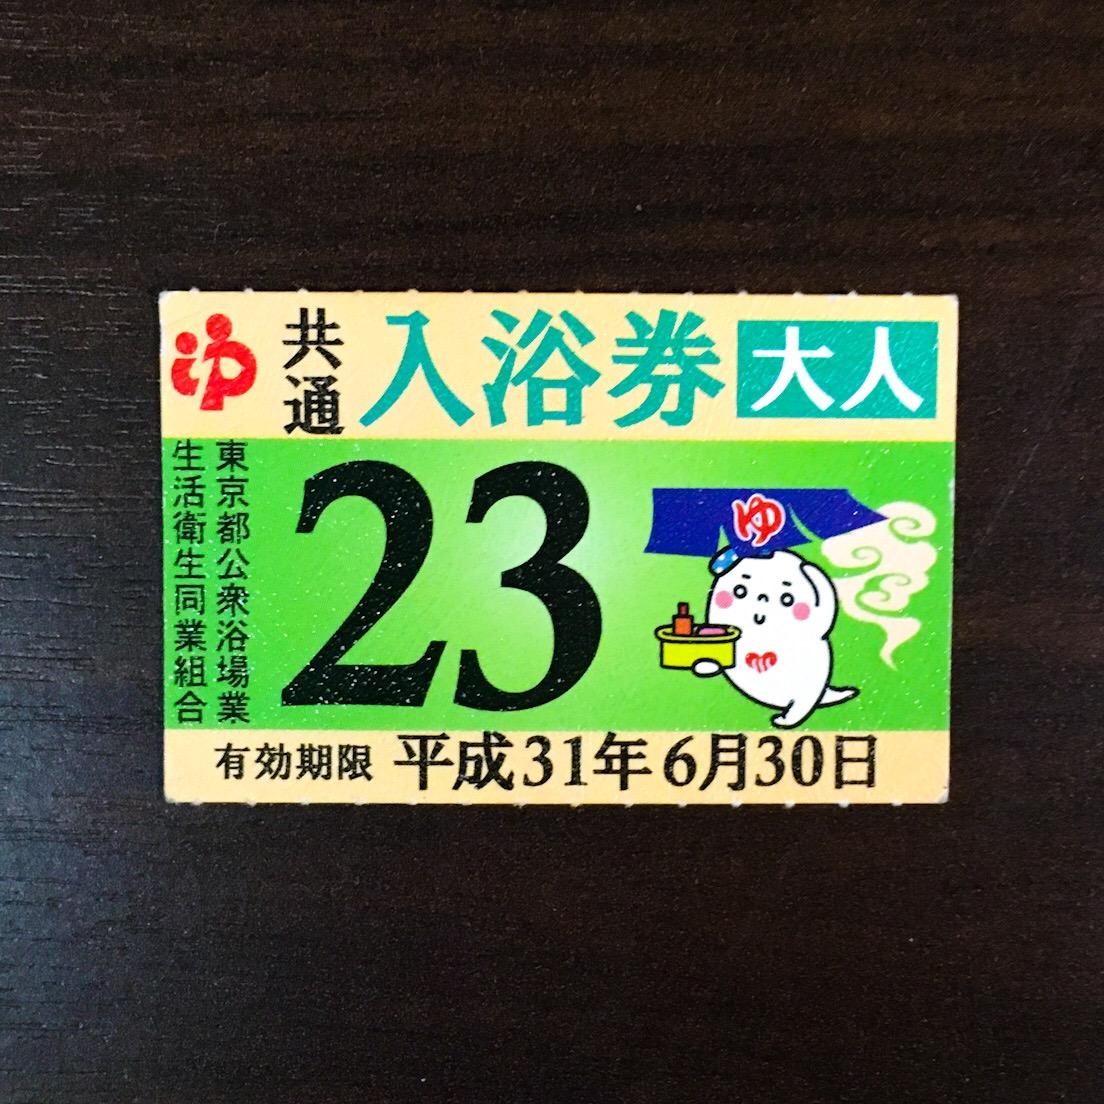 東京の銭湯共通入浴券10枚組が値上がり。